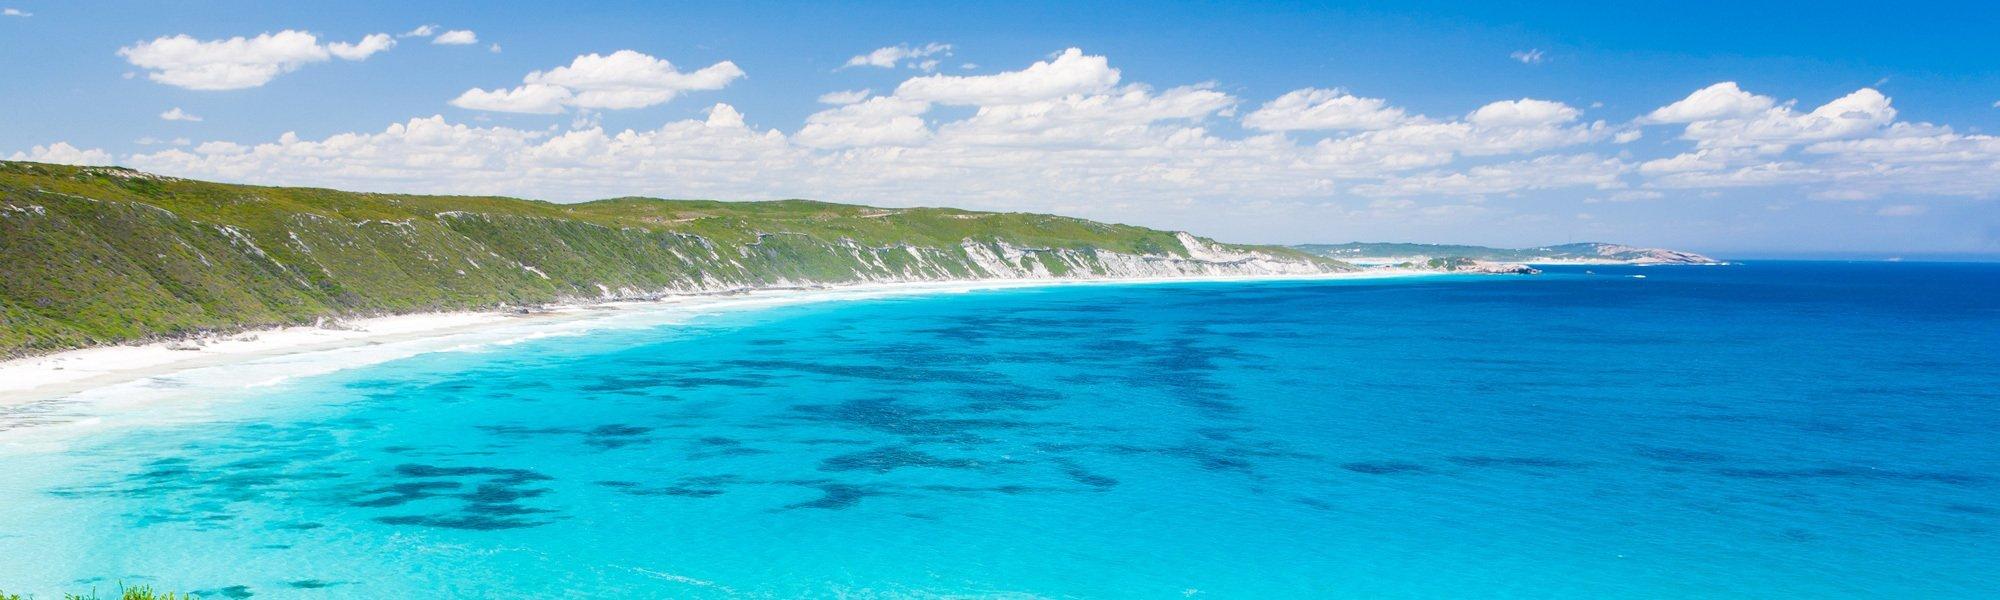 Beautiful coastal area for holiday